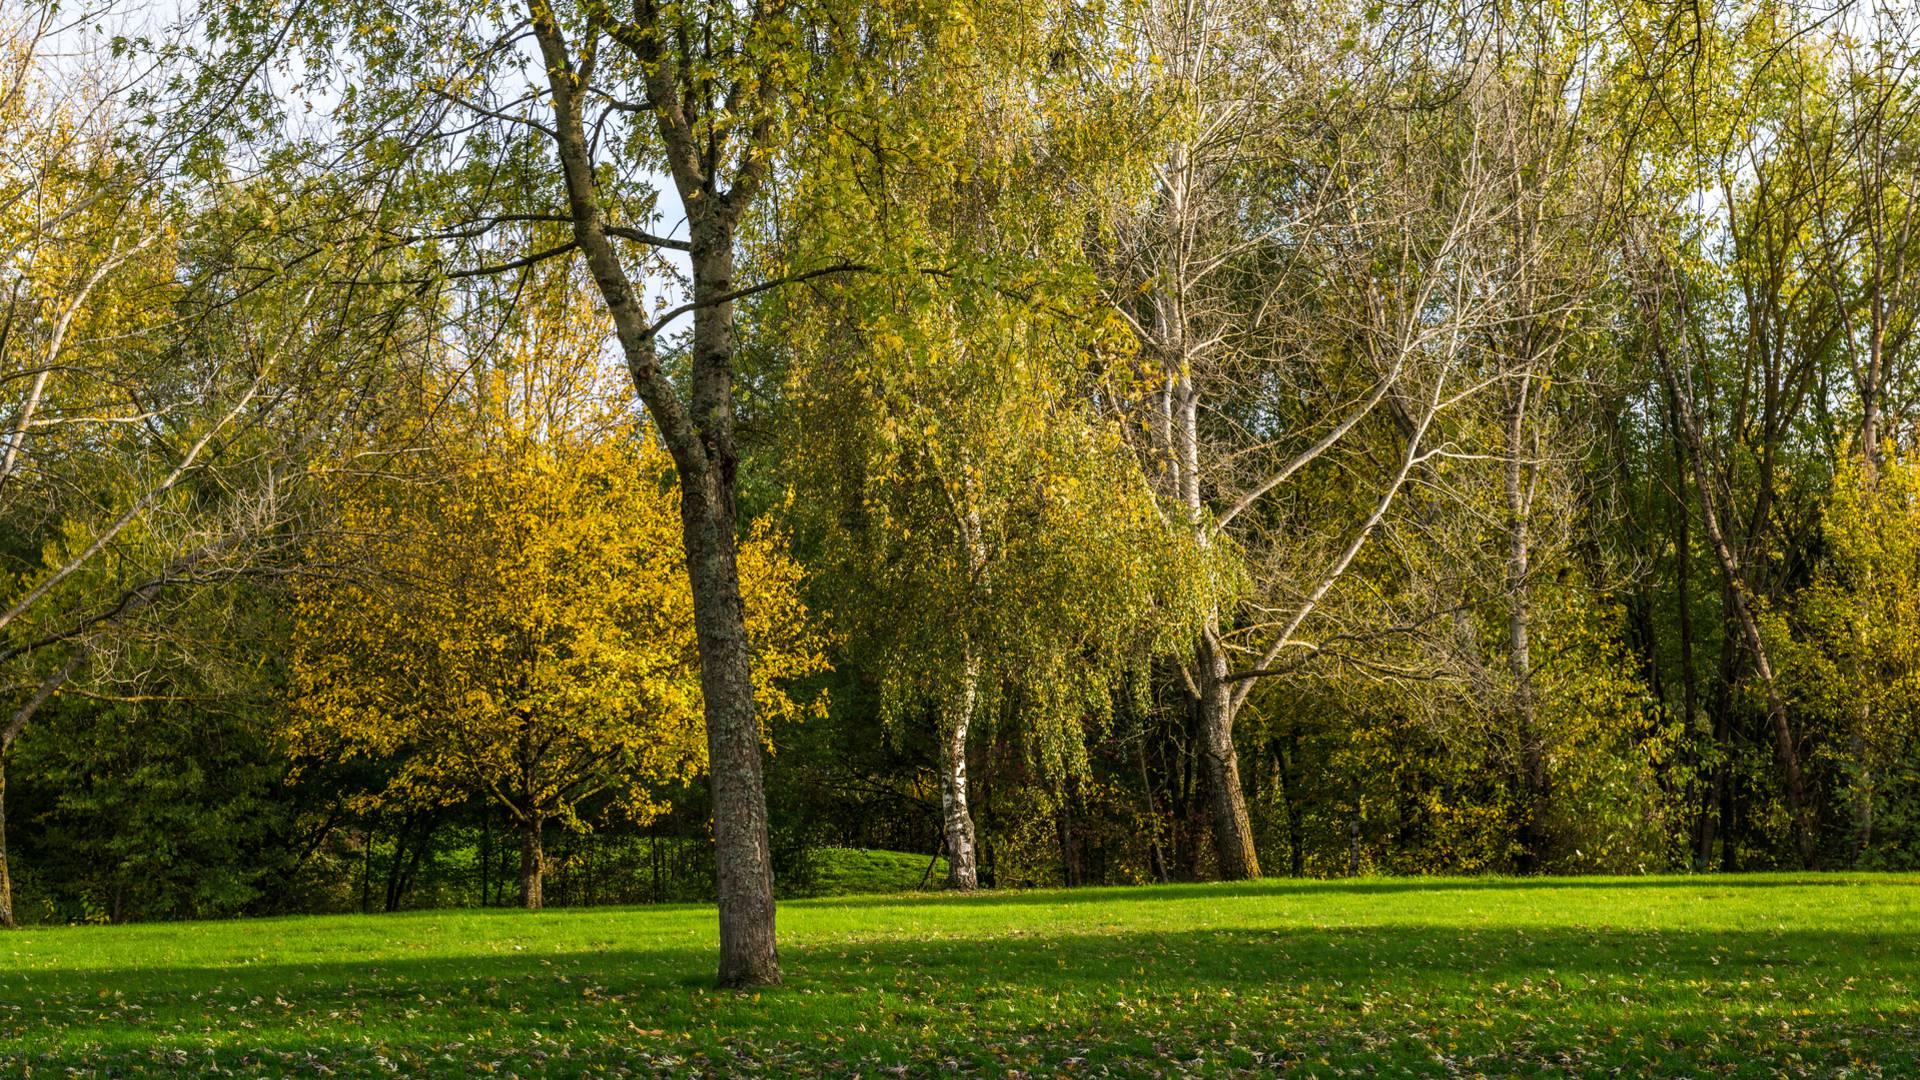 Couleurs d'automne dans le parc Maugrand, Montceau-les-Mines. © Oscara Photographe_Creusot Montceau Tourisme.